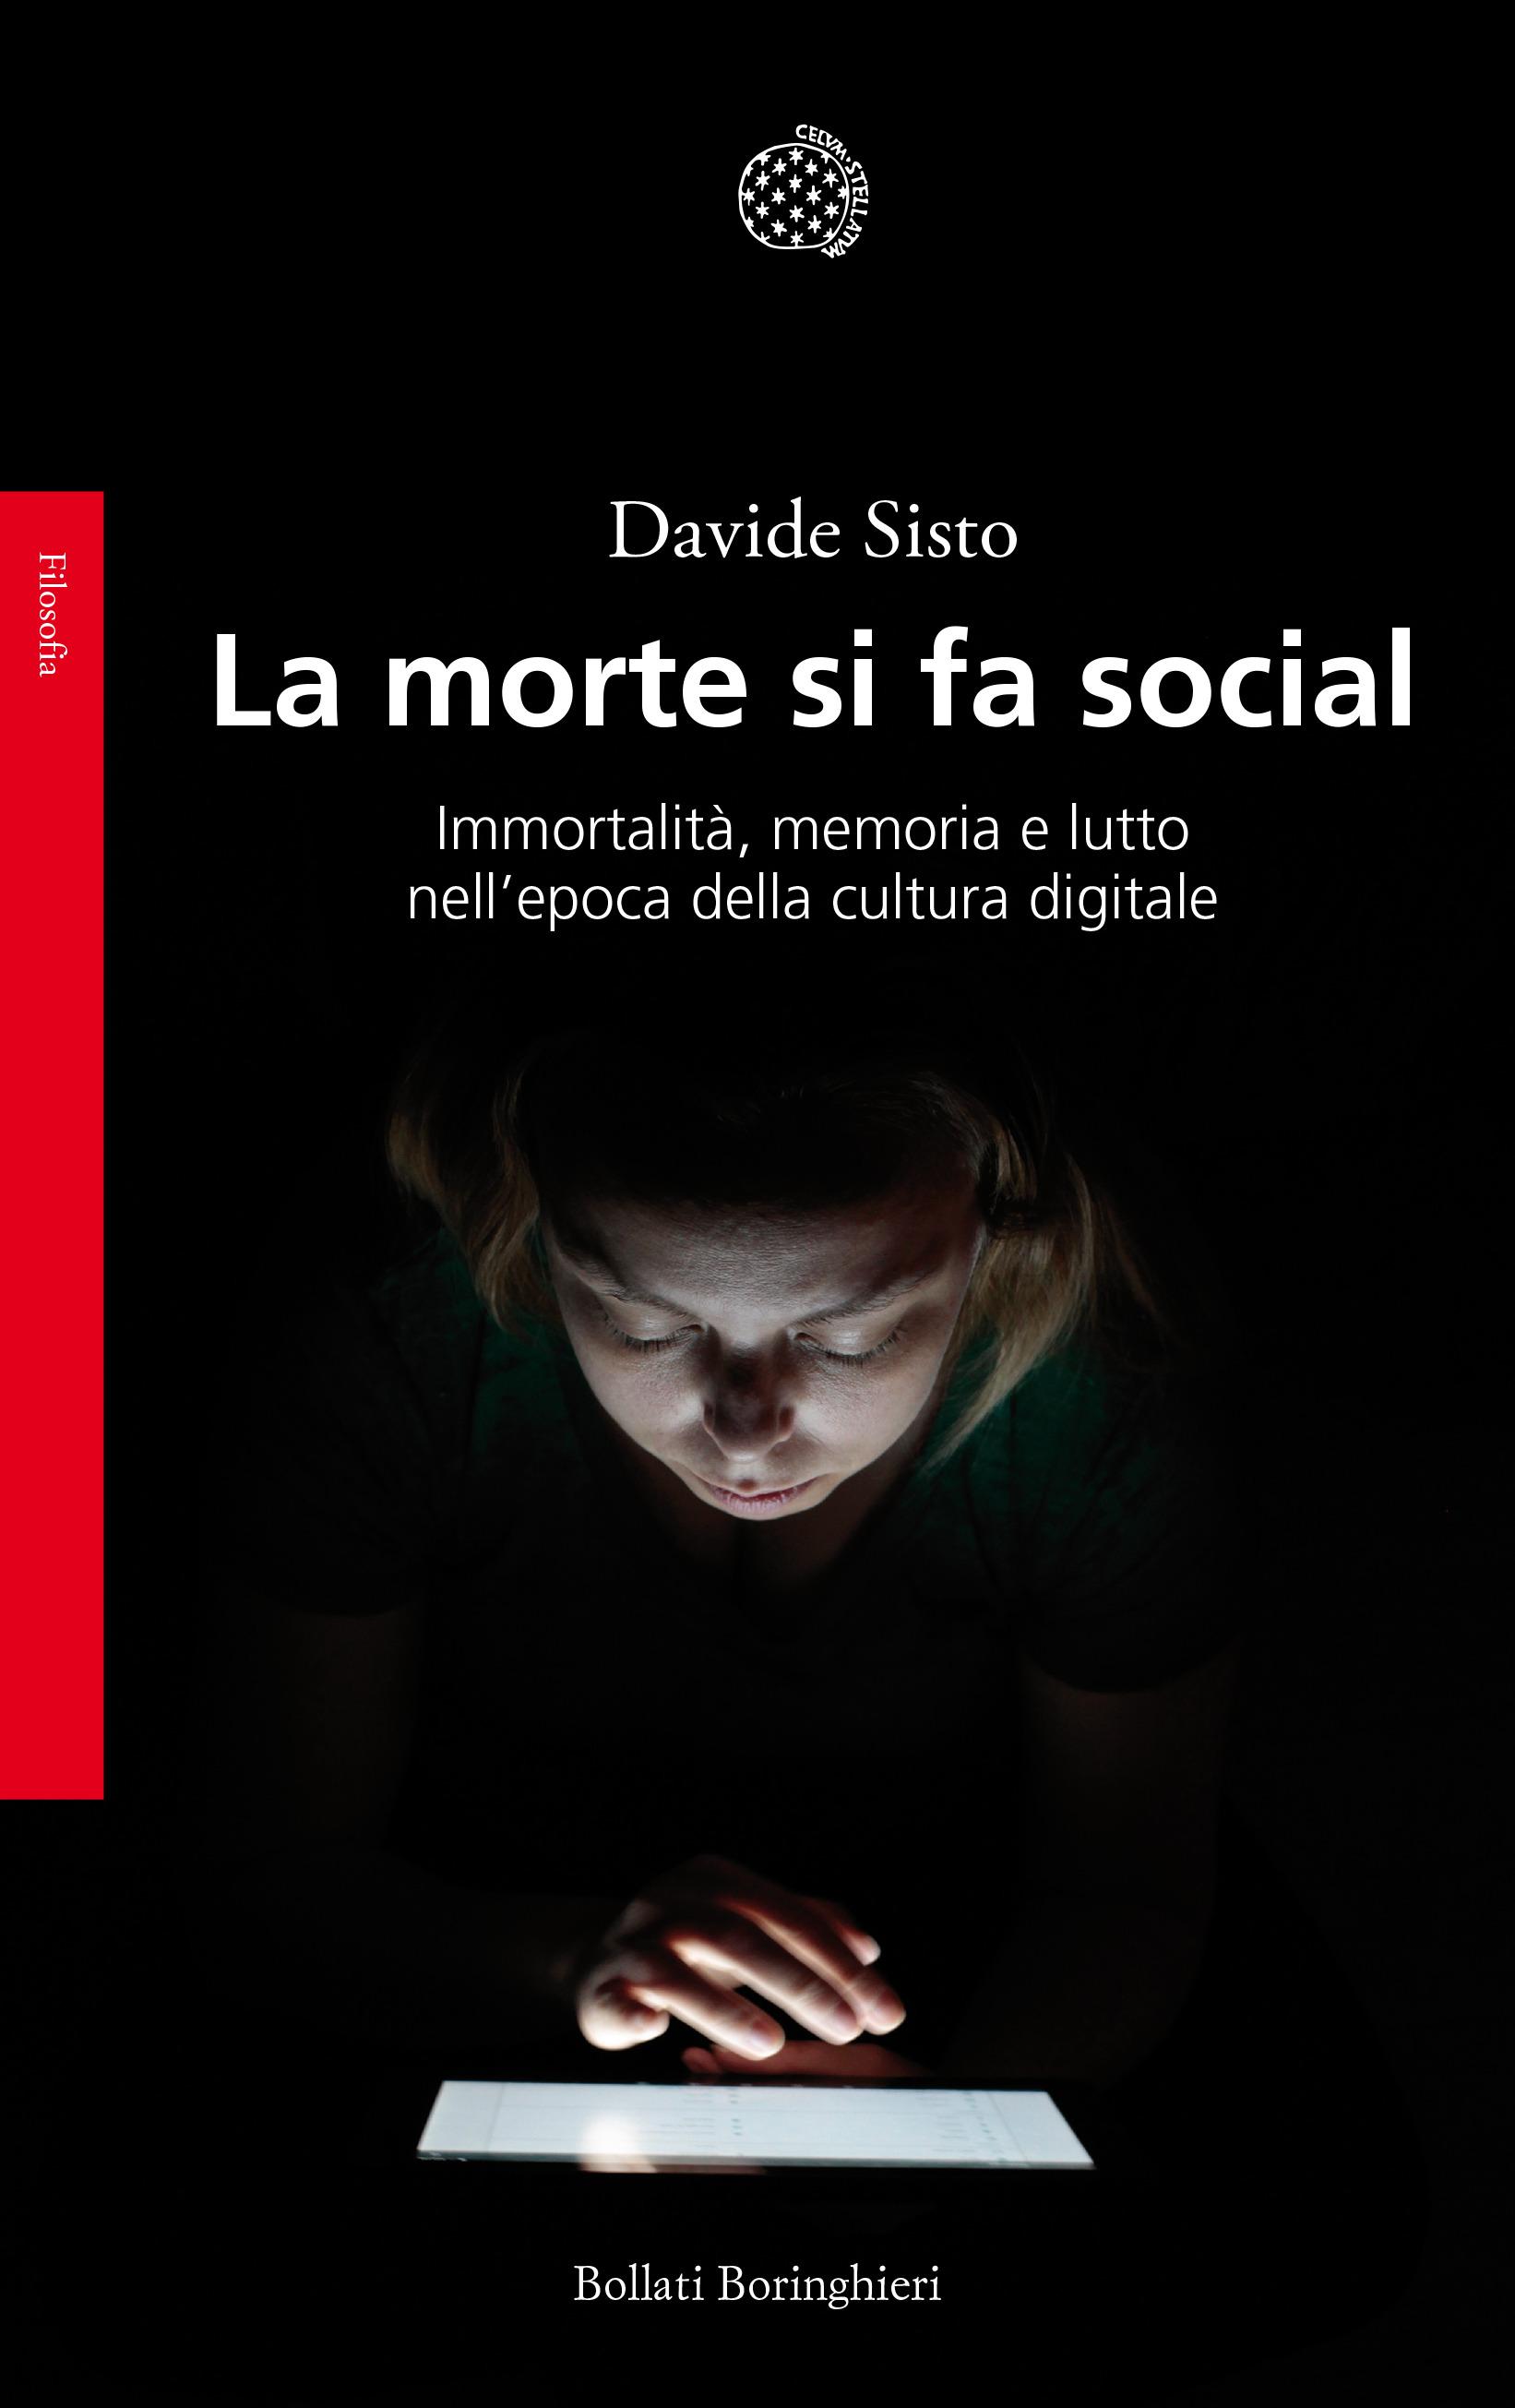 Davide SISTO, La morte si fa social